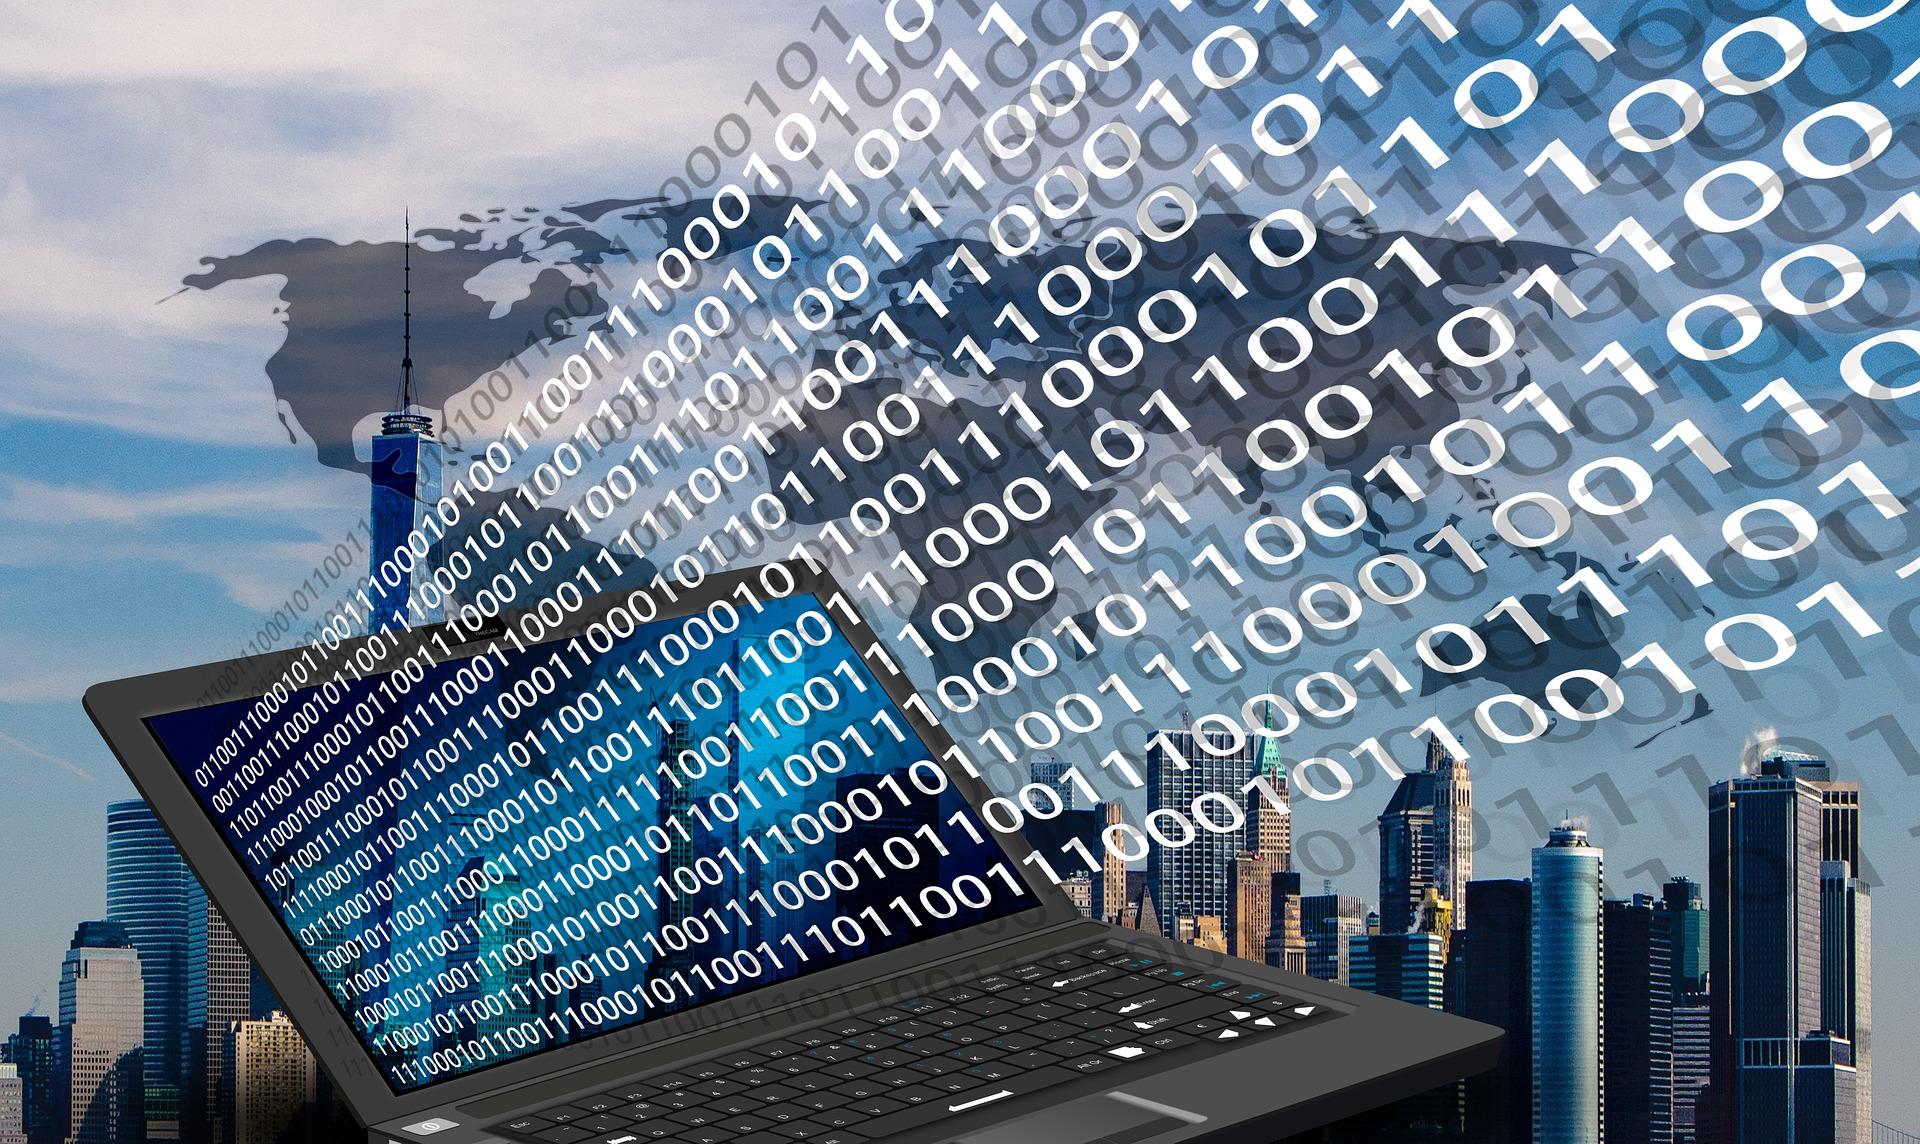 Software de copiadora comercial de opciones binarias